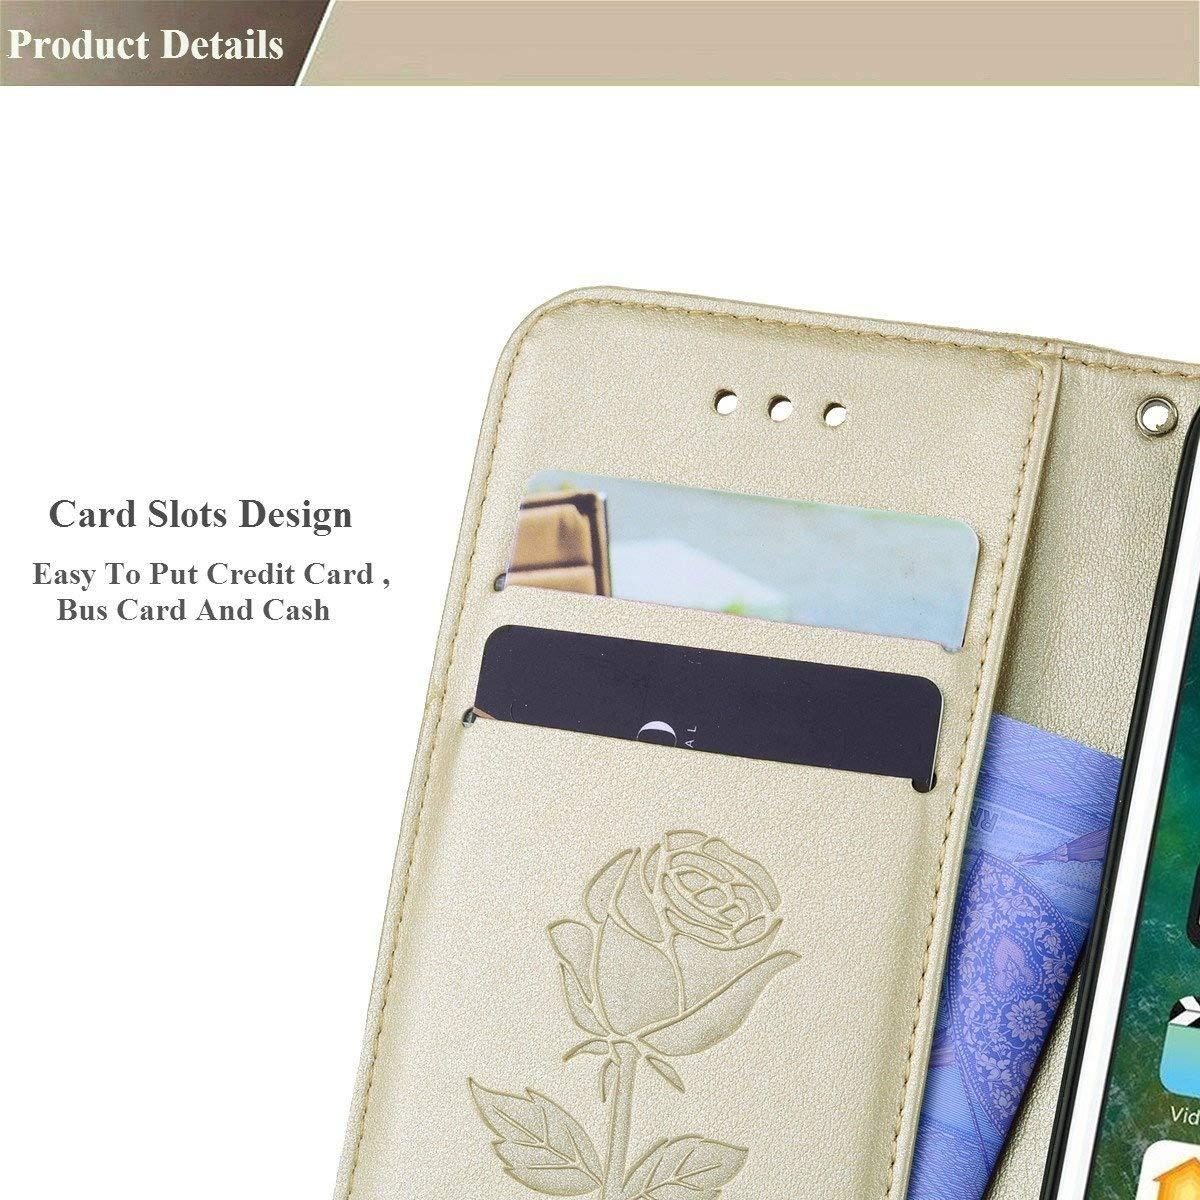 -Blau Sycode H/ülle f/ür iPhone 6S Plus,Schutzh/ülle f/ür iPhone 6S Plus,Schmetterling Baum Blume Ameise Lederh/ülle H/ülle f/ür iPhone 6S Plus//6 Plus 5.5 Zoll